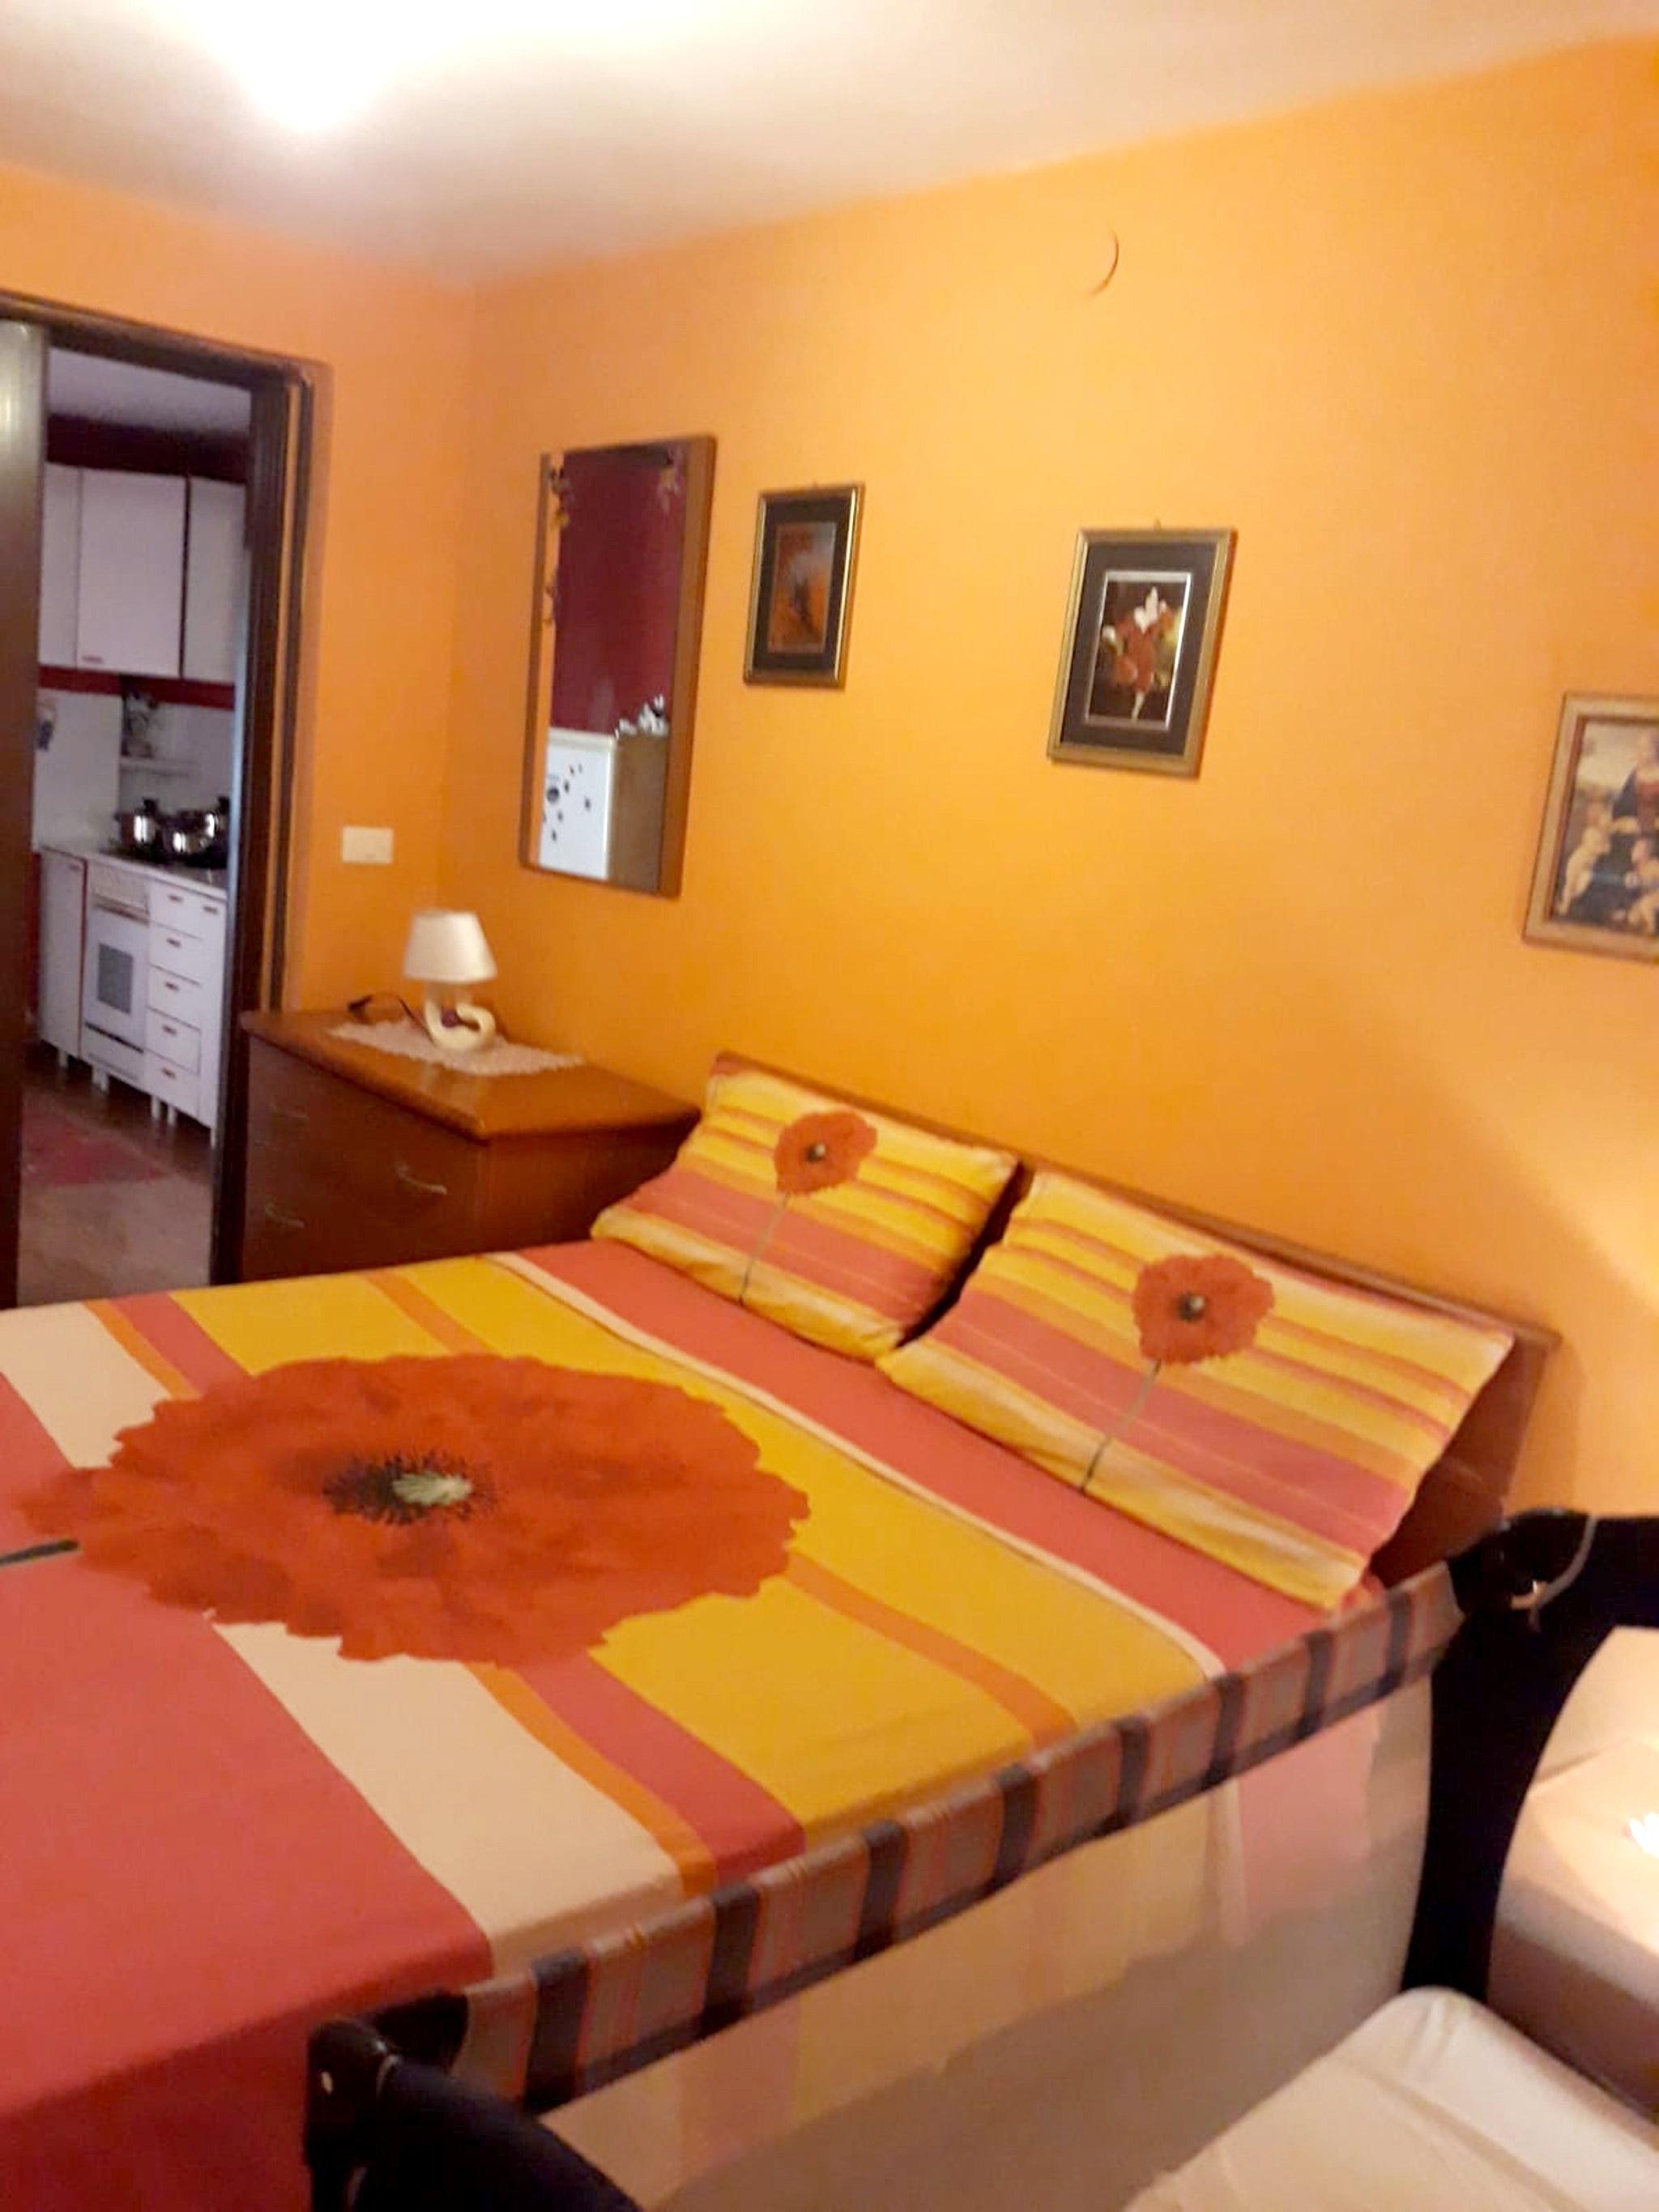 Appartement de vacances Wohnung mit 2 Schlafzimmern in Cicirata mit herrlichem Meerblick, Pool, eingezäuntem Garte (2339675), Avola, Siracusa, Sicile, Italie, image 47